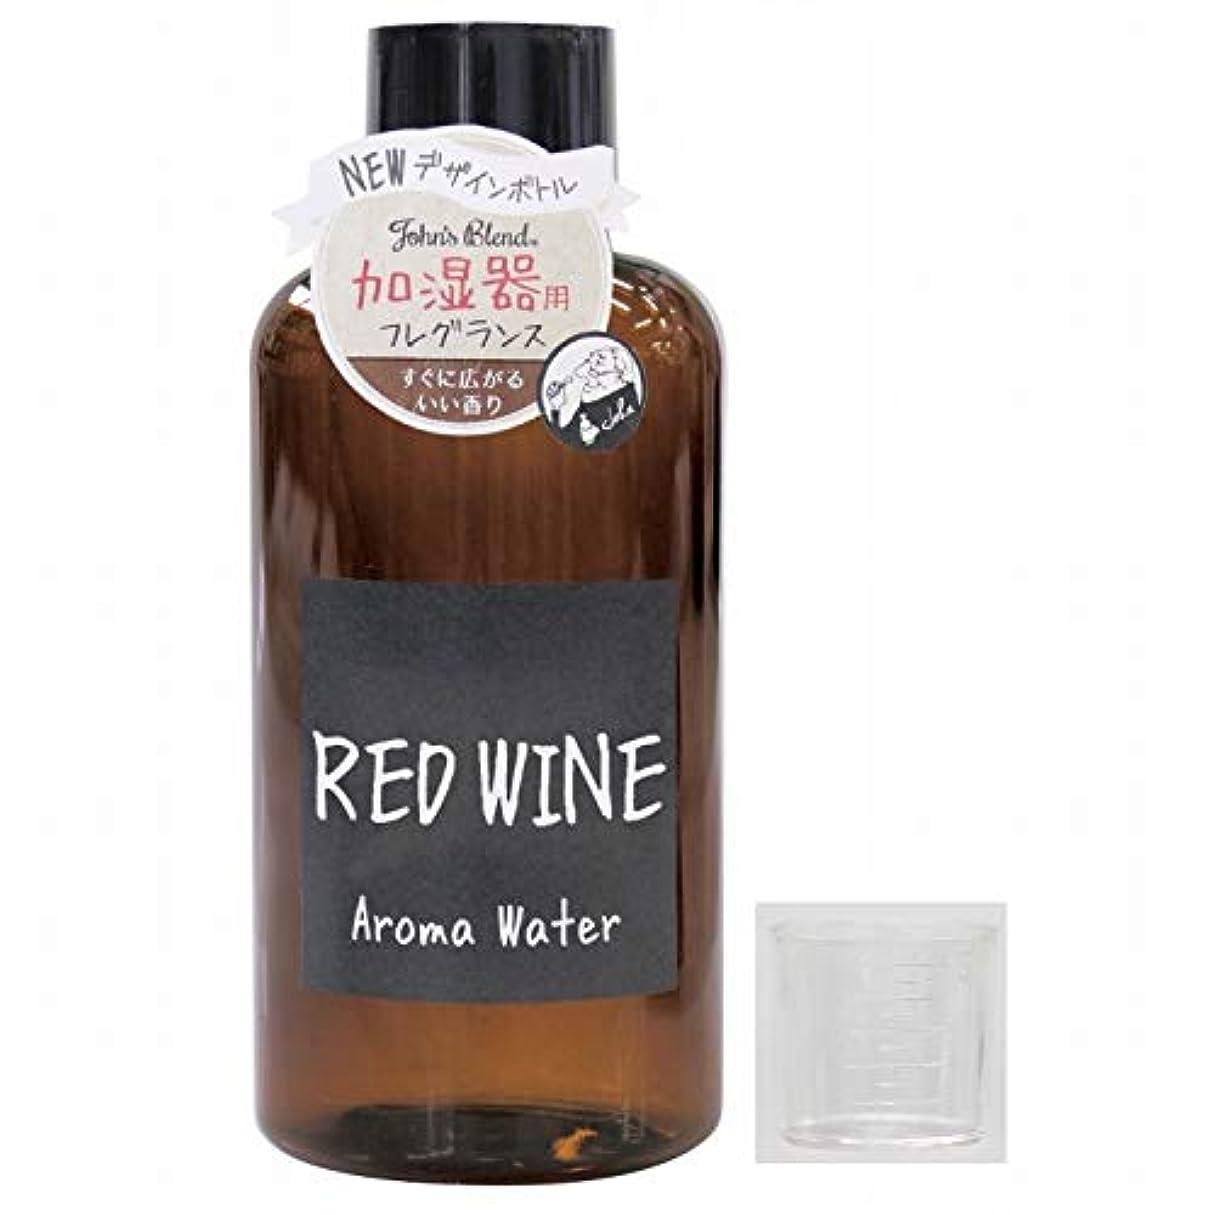 ミット検出仕出します【計量カップ付き】 JohnsBlend(ジョンズブレンド) アロマウォーター 加湿器用 520ml レッドワインの香り OA-JON-12-5【計量カップのおまけつき】